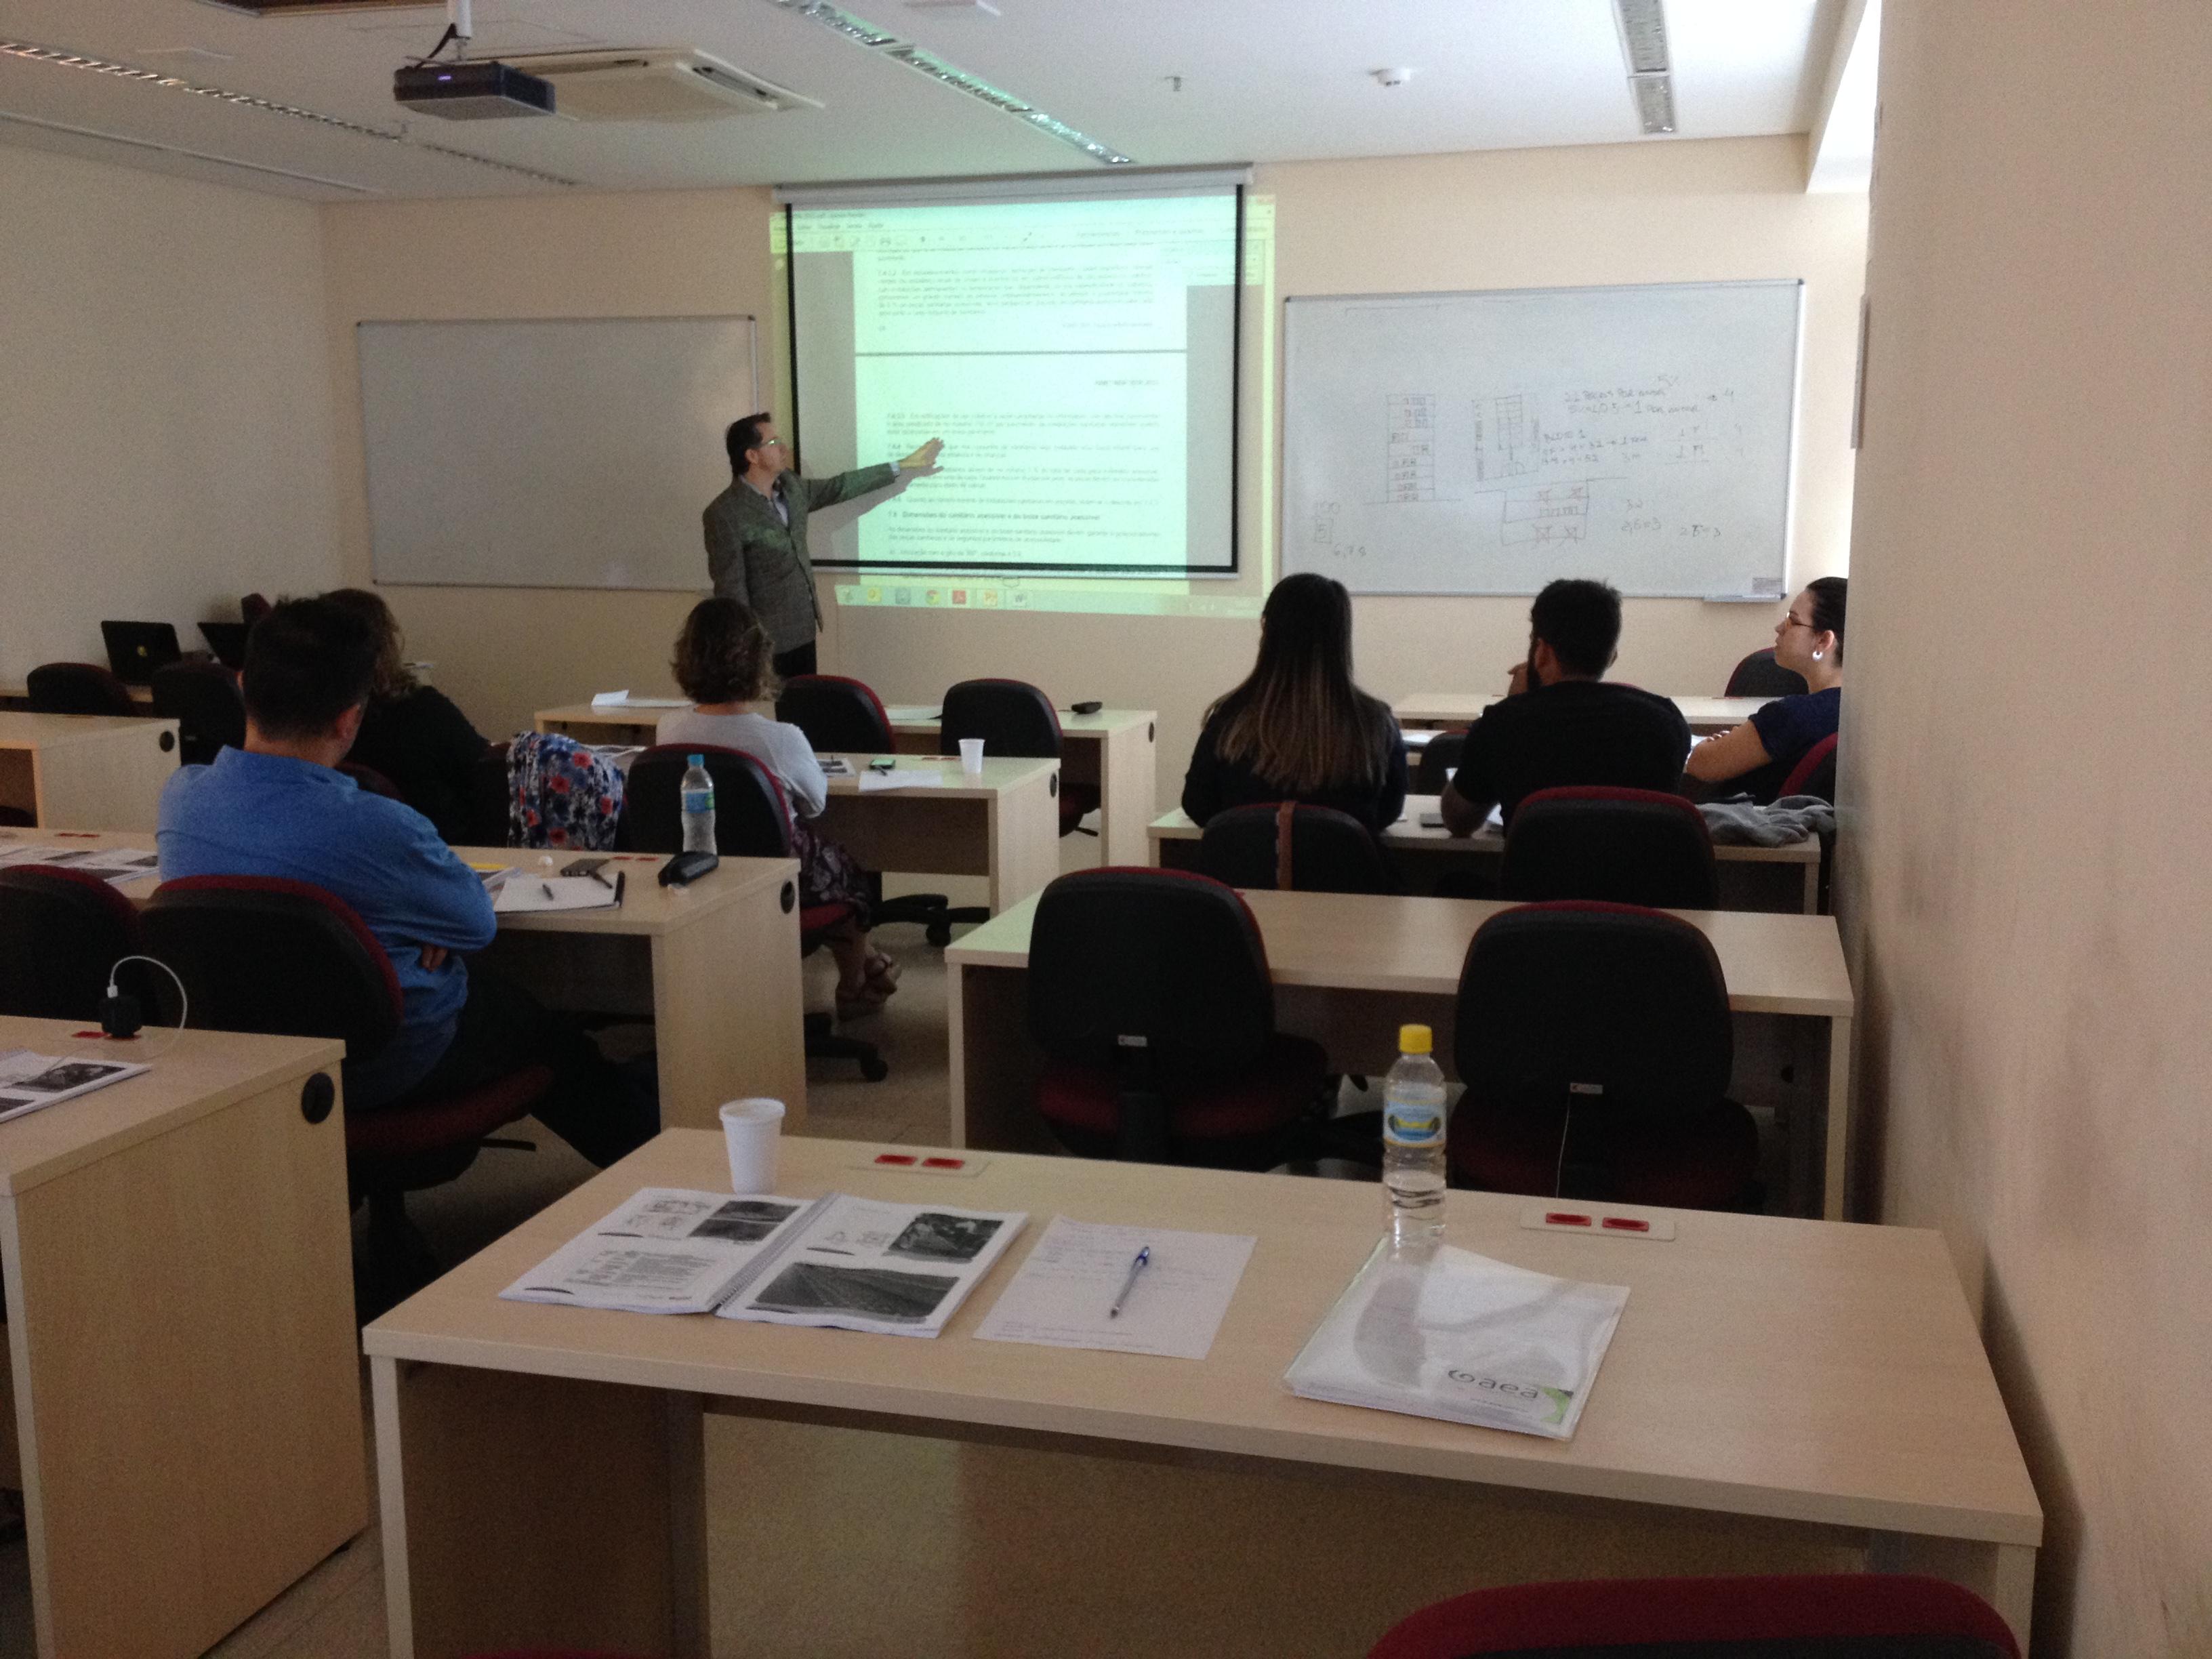 Curso de Acessibilidade Aplicada - Nova NBR 9050/2015 em São Paulo - Outubro de 2015